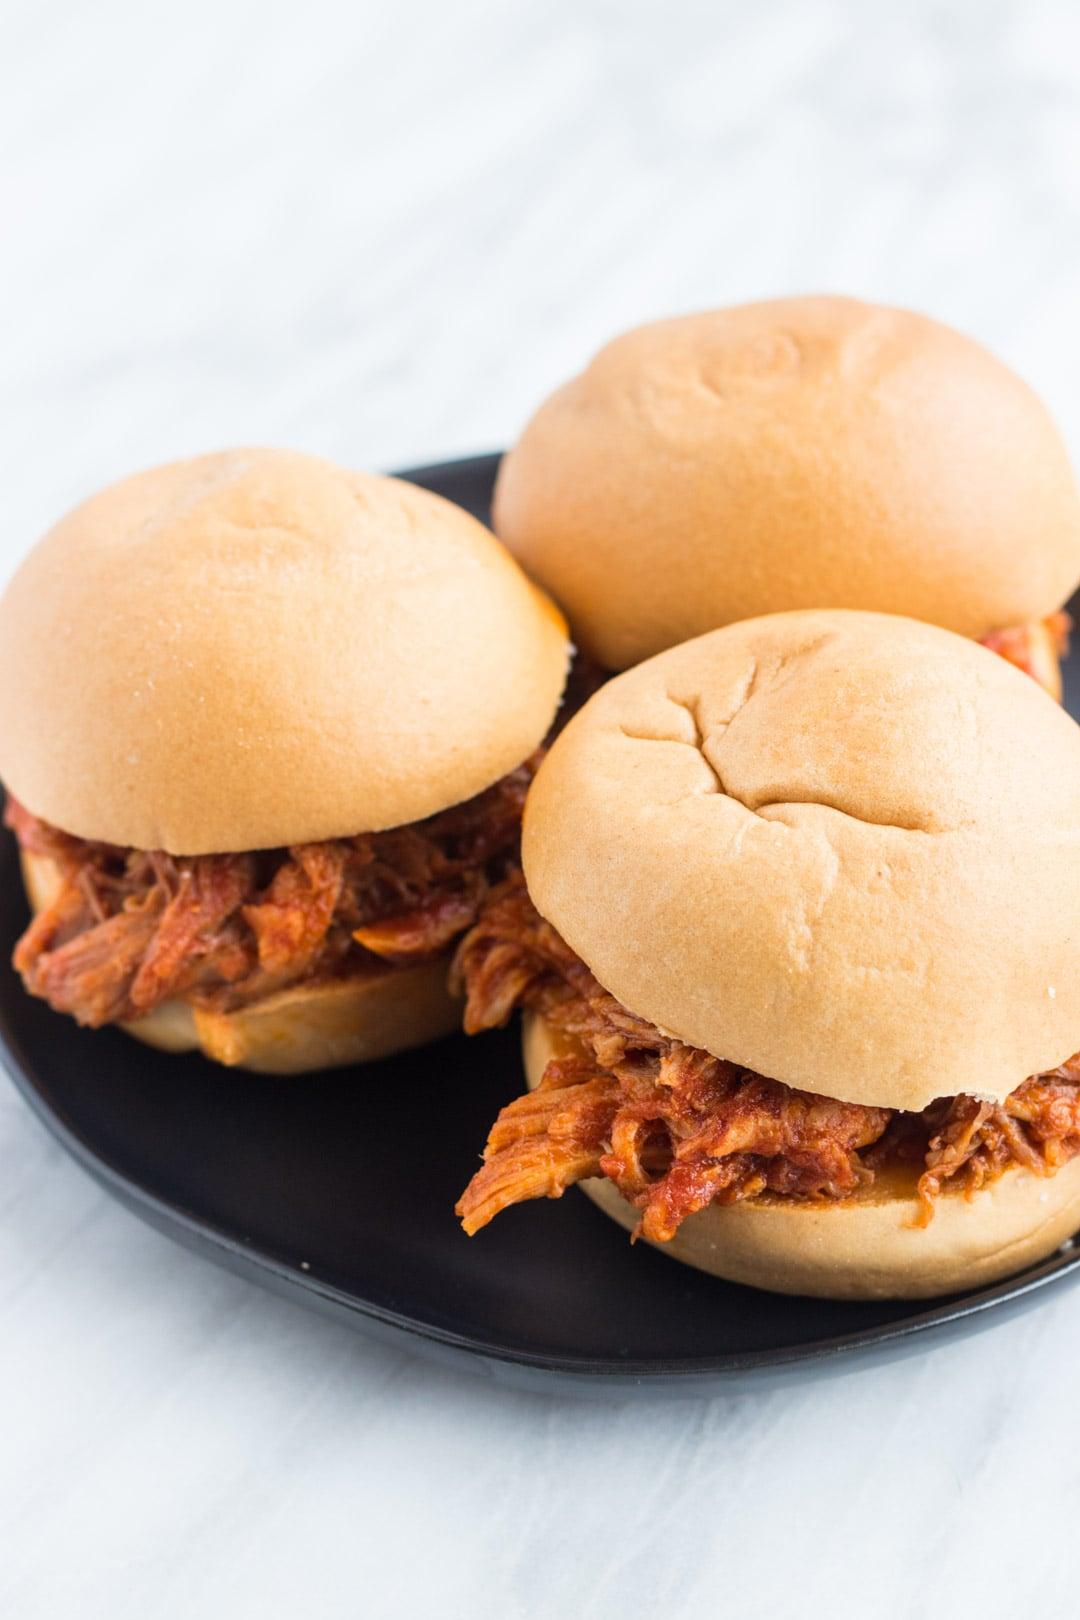 Low FODMAP BBQ Pork Sandwiches